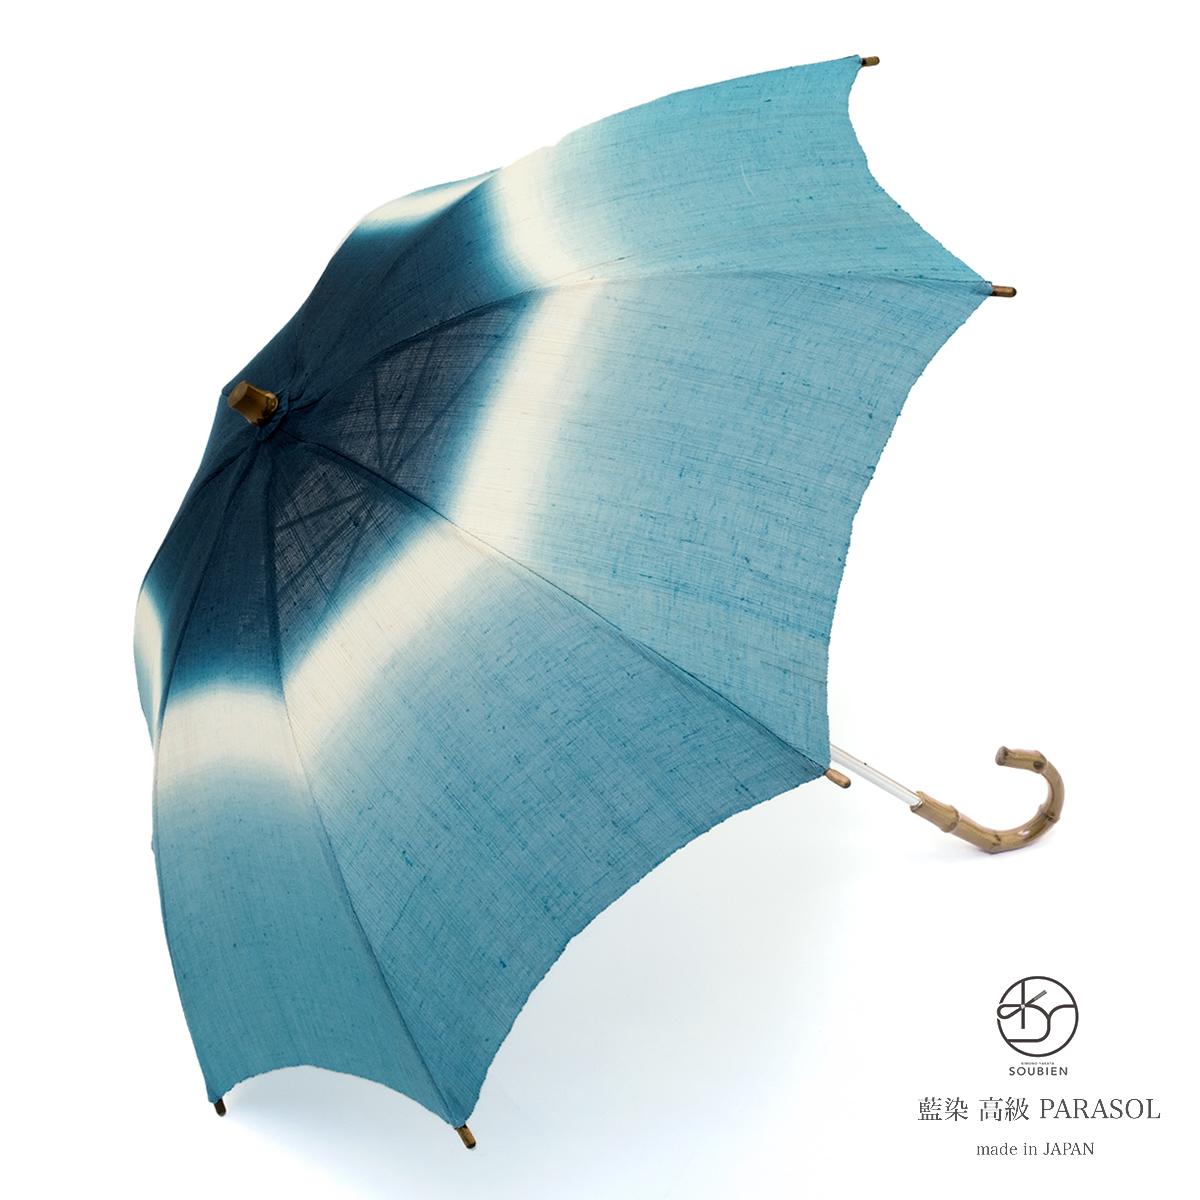 日傘 水色 ブルー 藍 ネイビー グラデーション 藍染 引染 麻 ひがさ 和装小物 便利小物 日本製【あす楽対応】【送料無料】